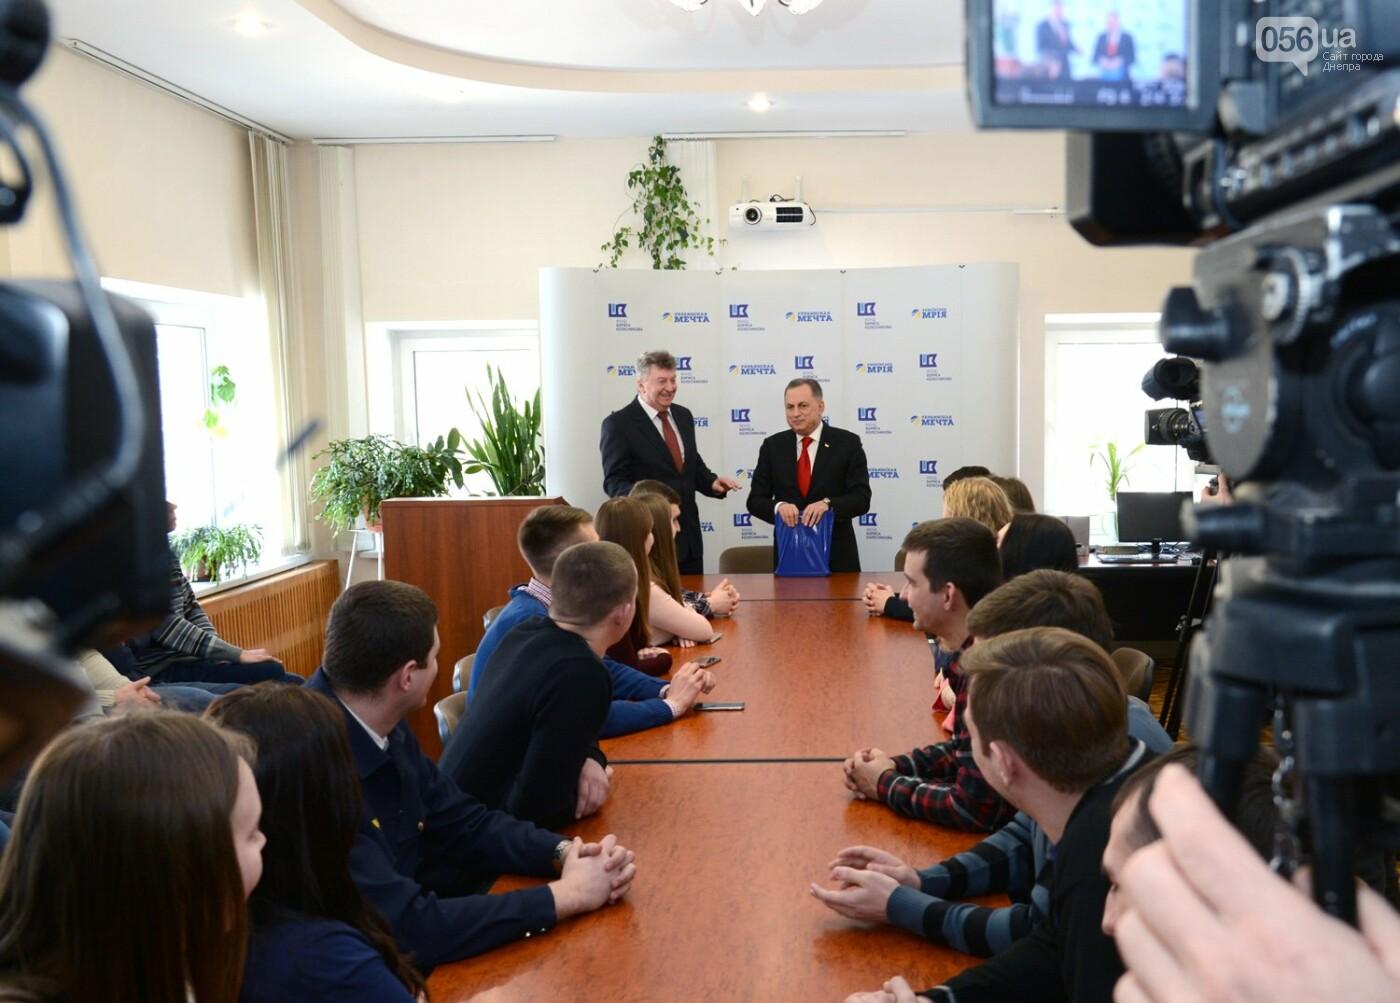 Борис Колесников и студенты из Днипра провели встречу в рамках конкурса «Железнодорожник», фото-3